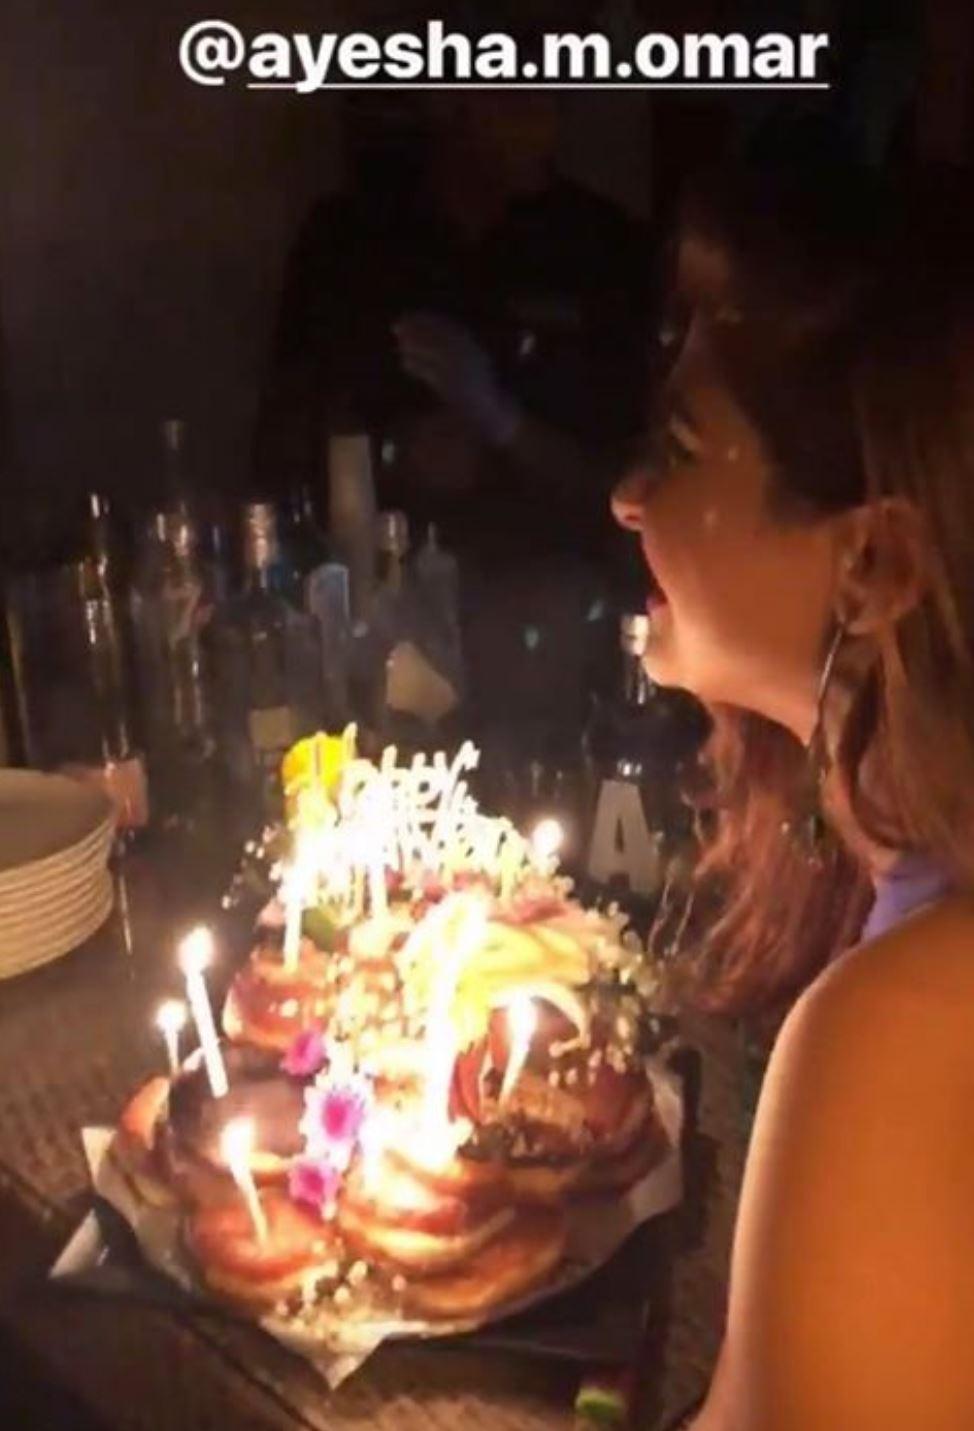 Ayesha Omar's Late Night Birthday Celebration